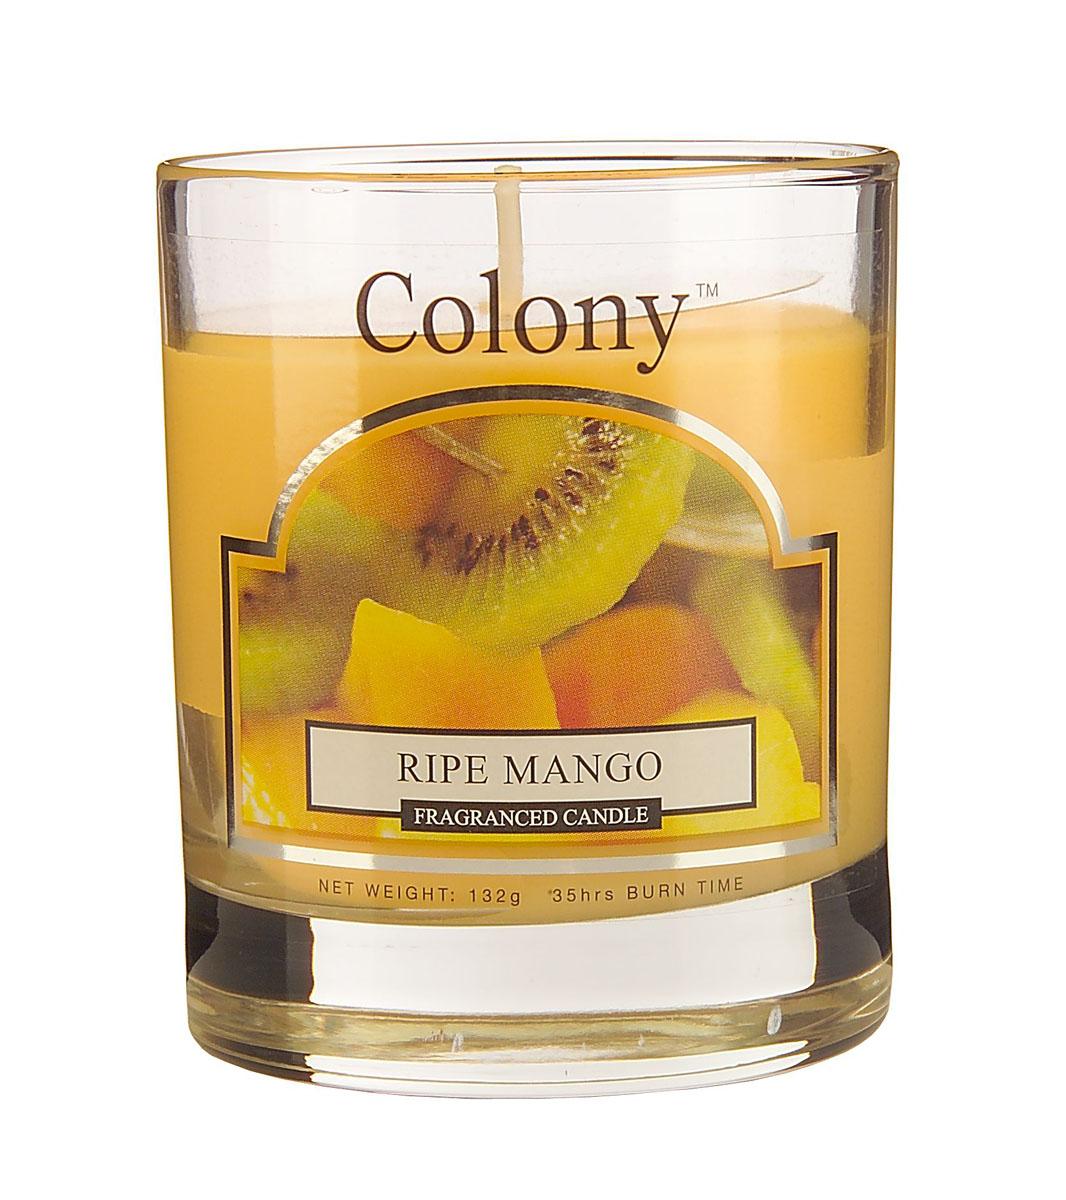 Wax Lyrical Спелый манго ароматизированная свеча в стекле малая, 35 часовCH0613Сочный фруктовый аромат спелых фруктов: экзотического манго, персиков, арбуза